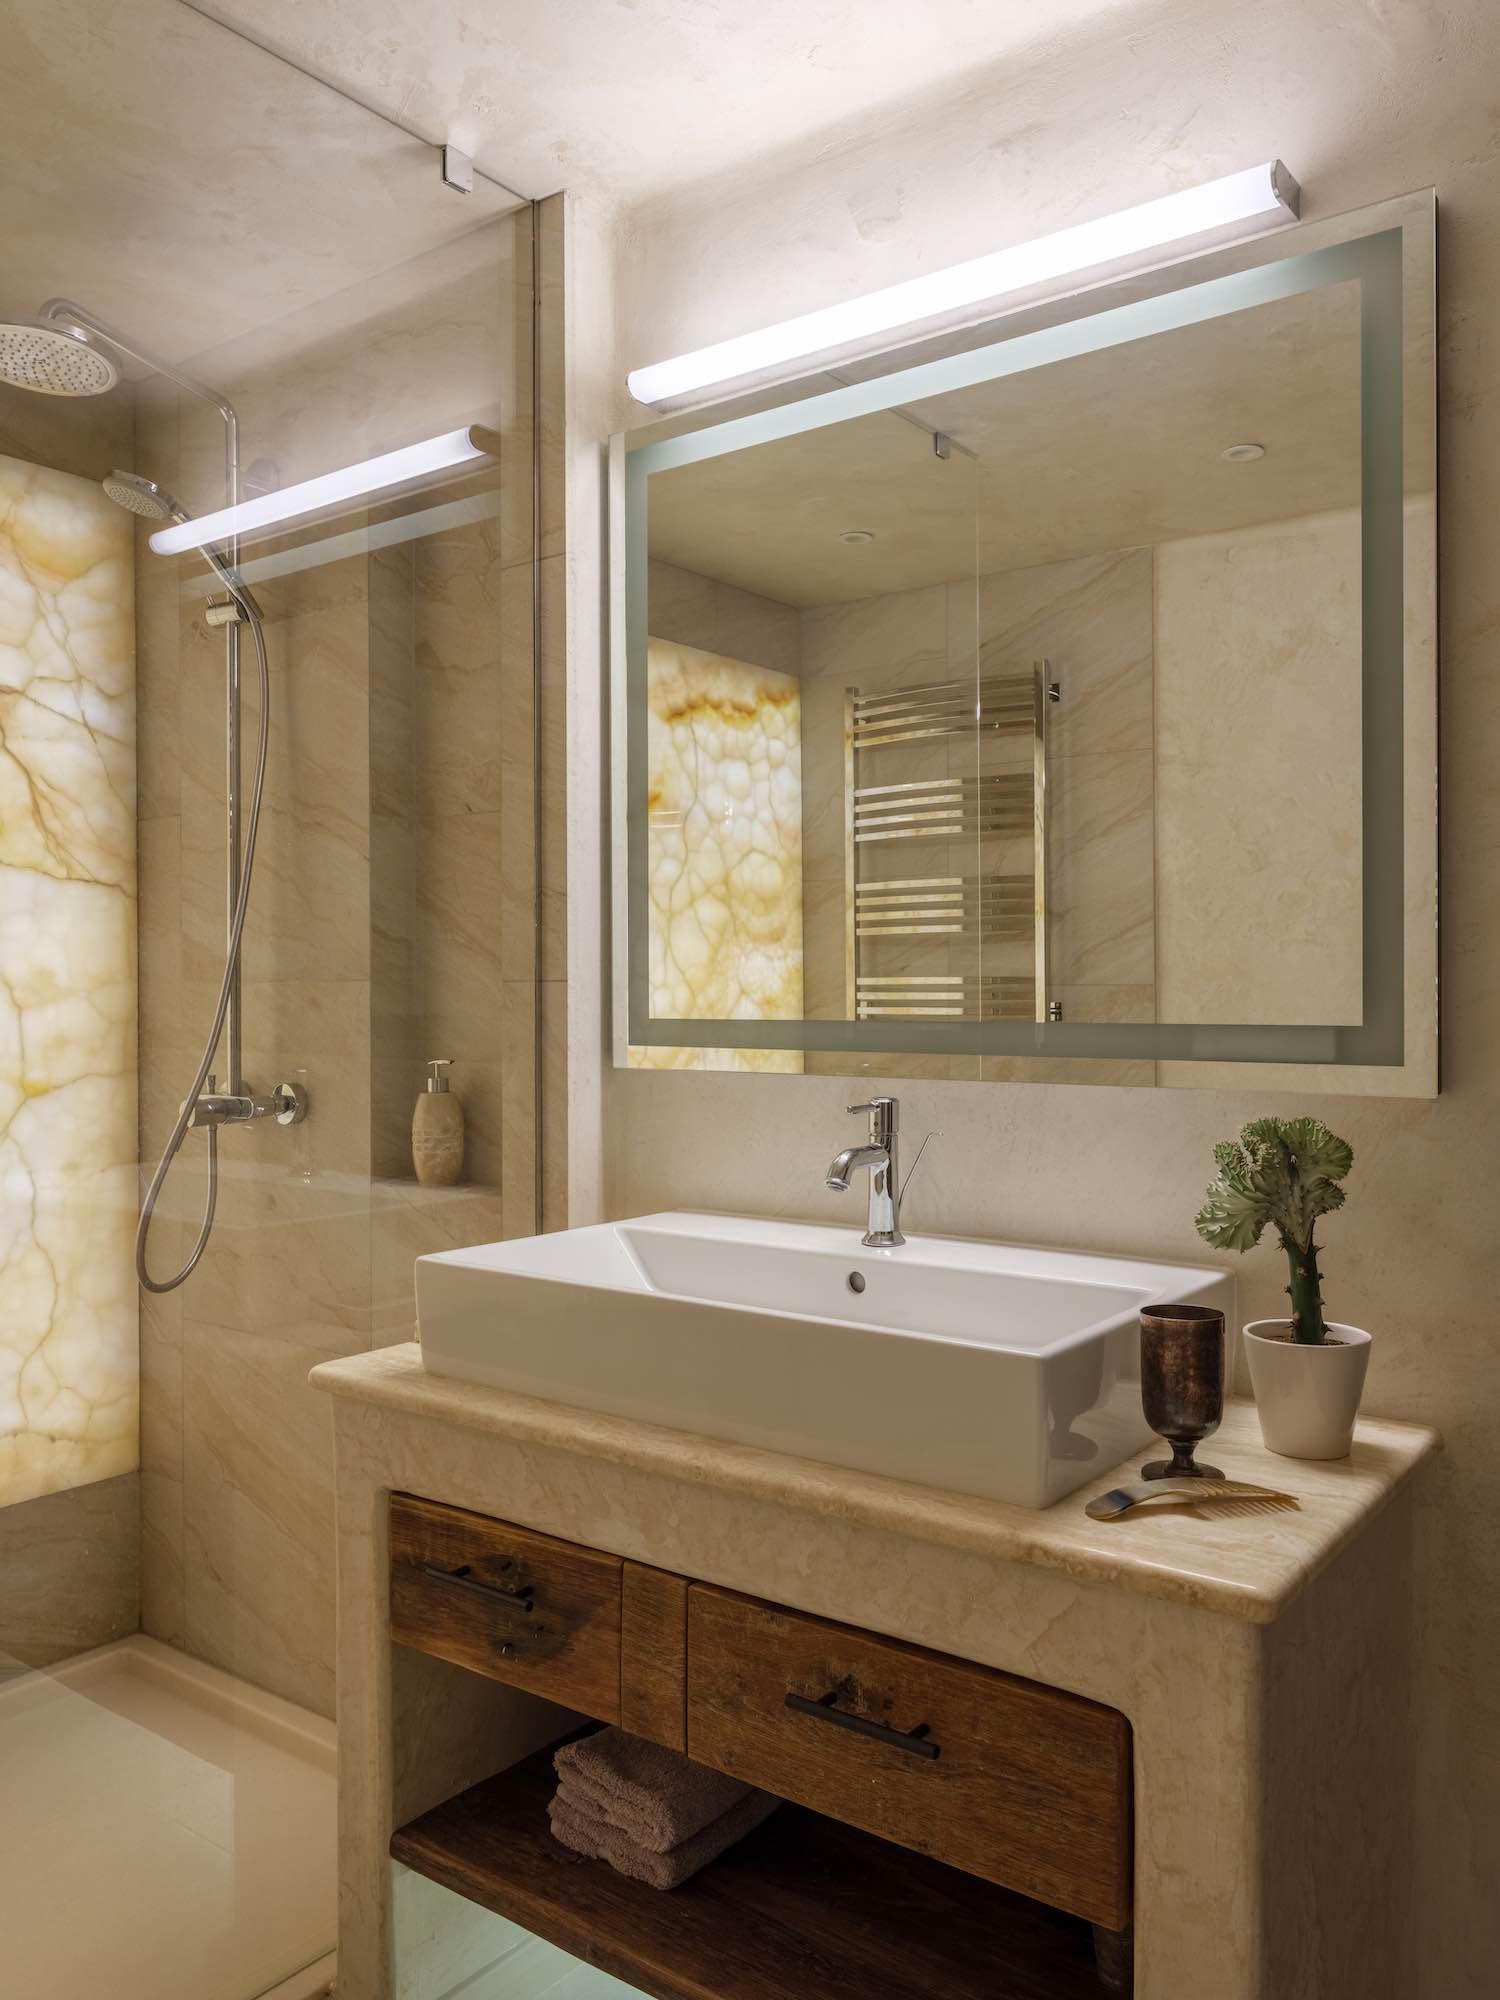 washing basin and mirror